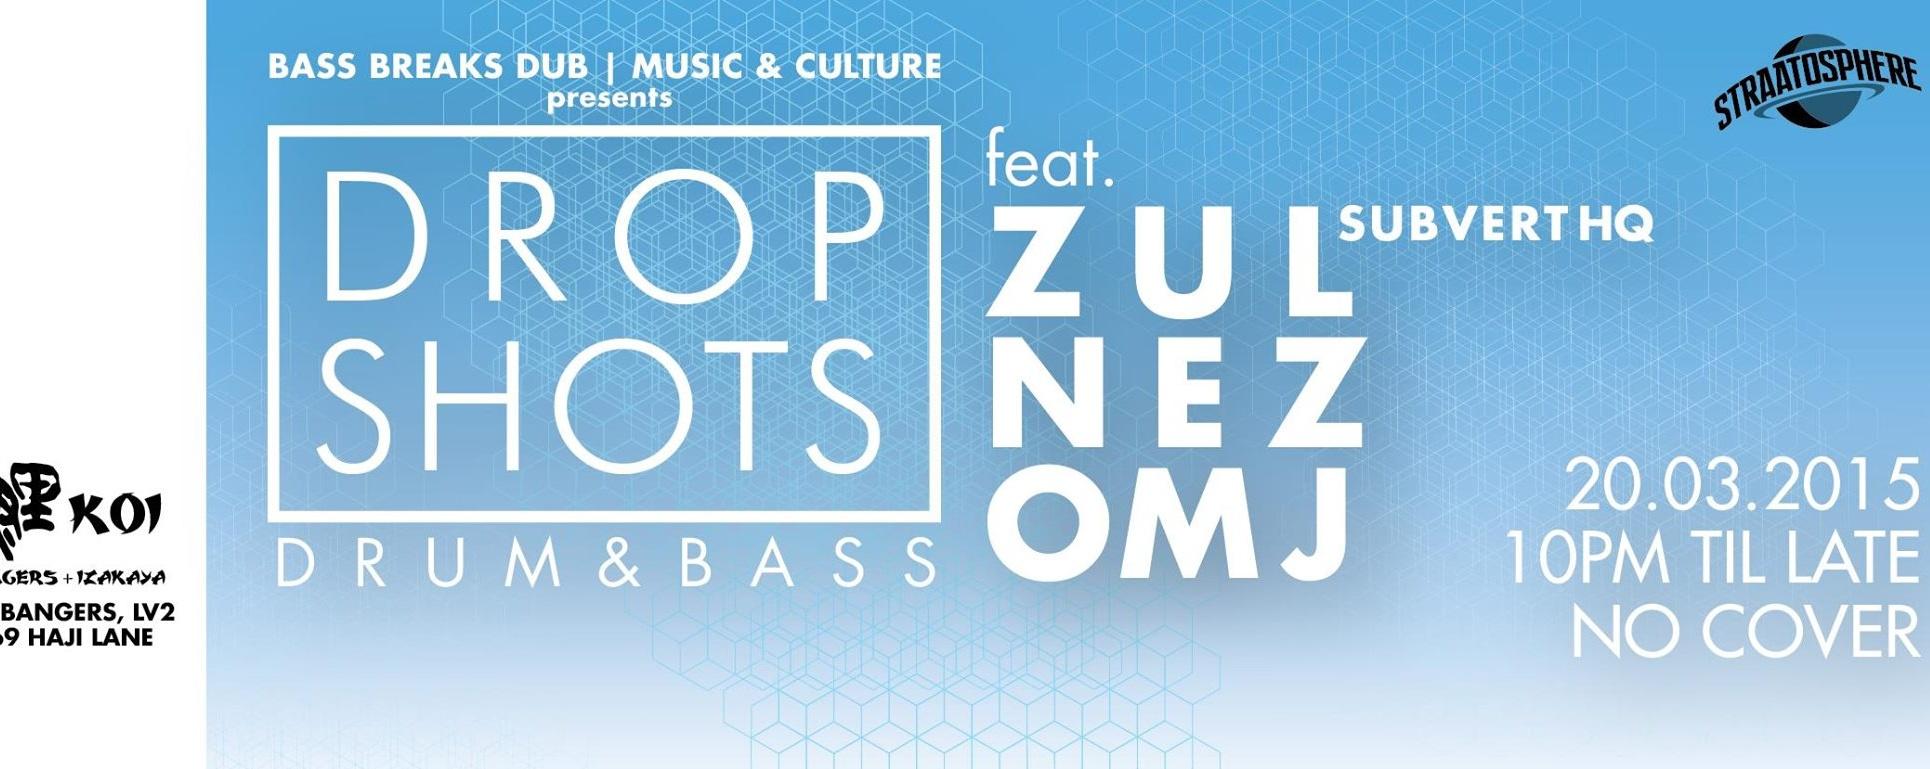 DROP SHOTS: Drum & BASS featuring ZUL / Subvert HQ